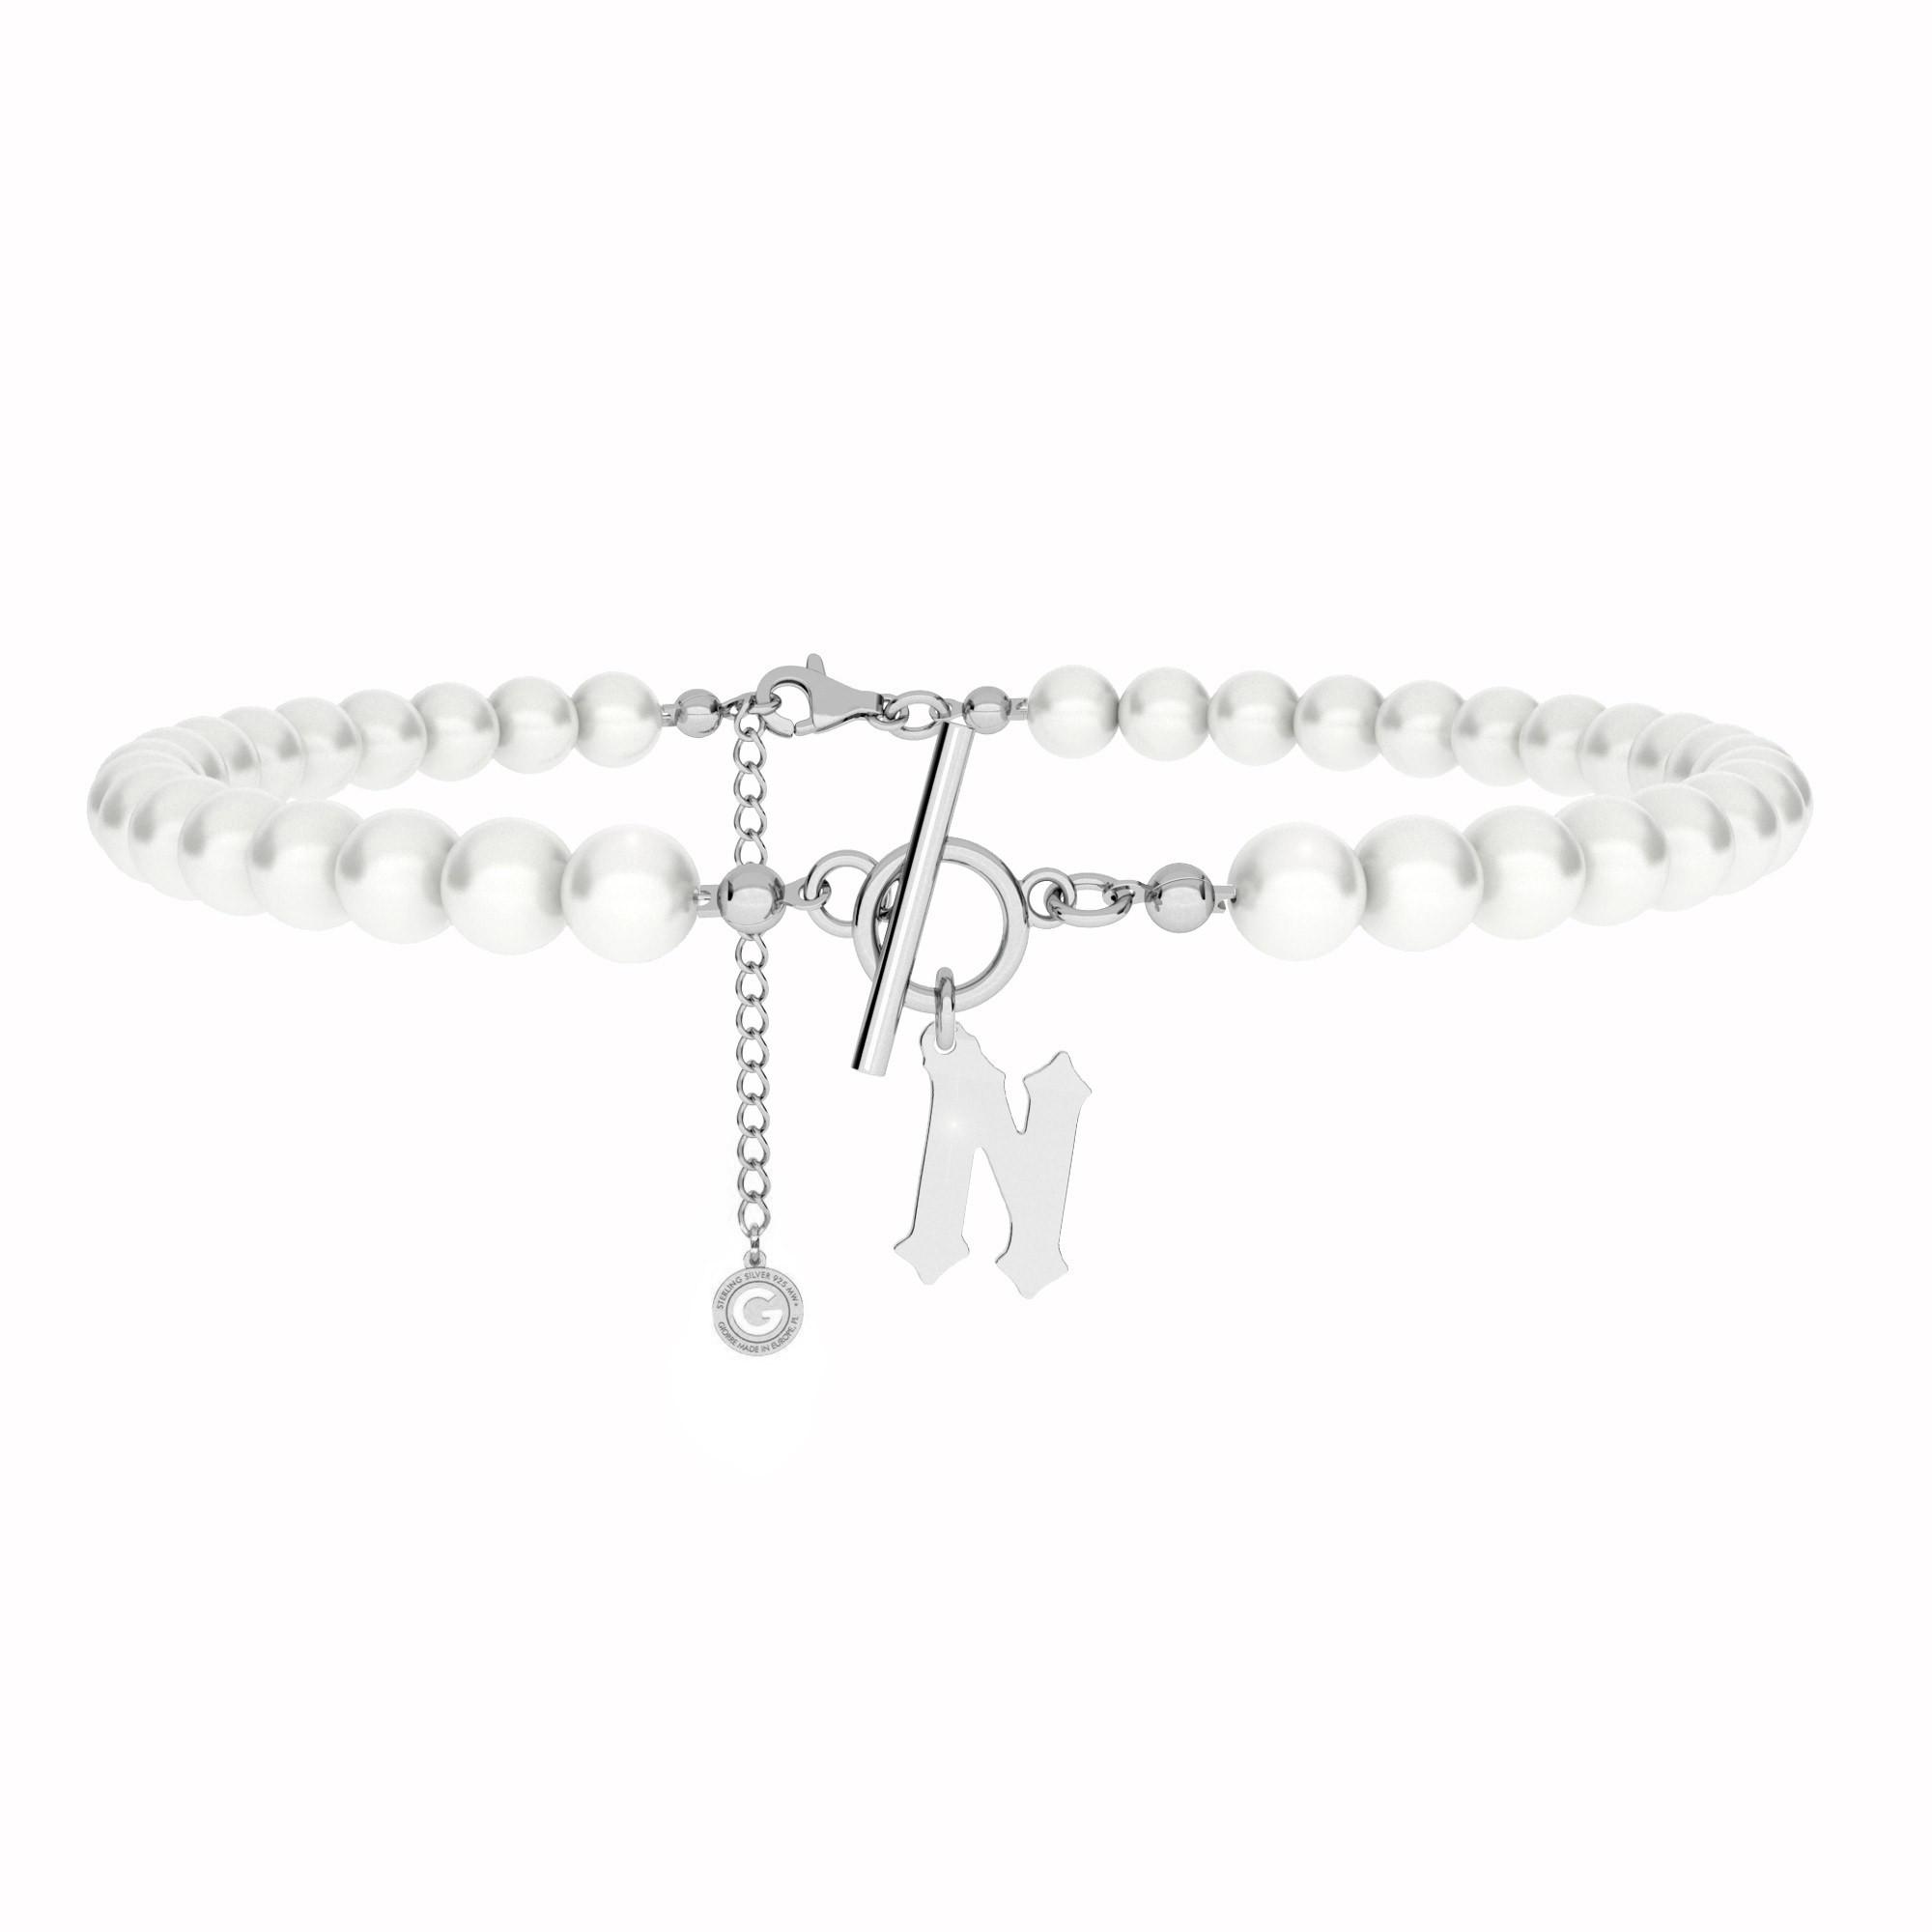 Perlenhalsband mit brief MON DÉFI sterling silber 925